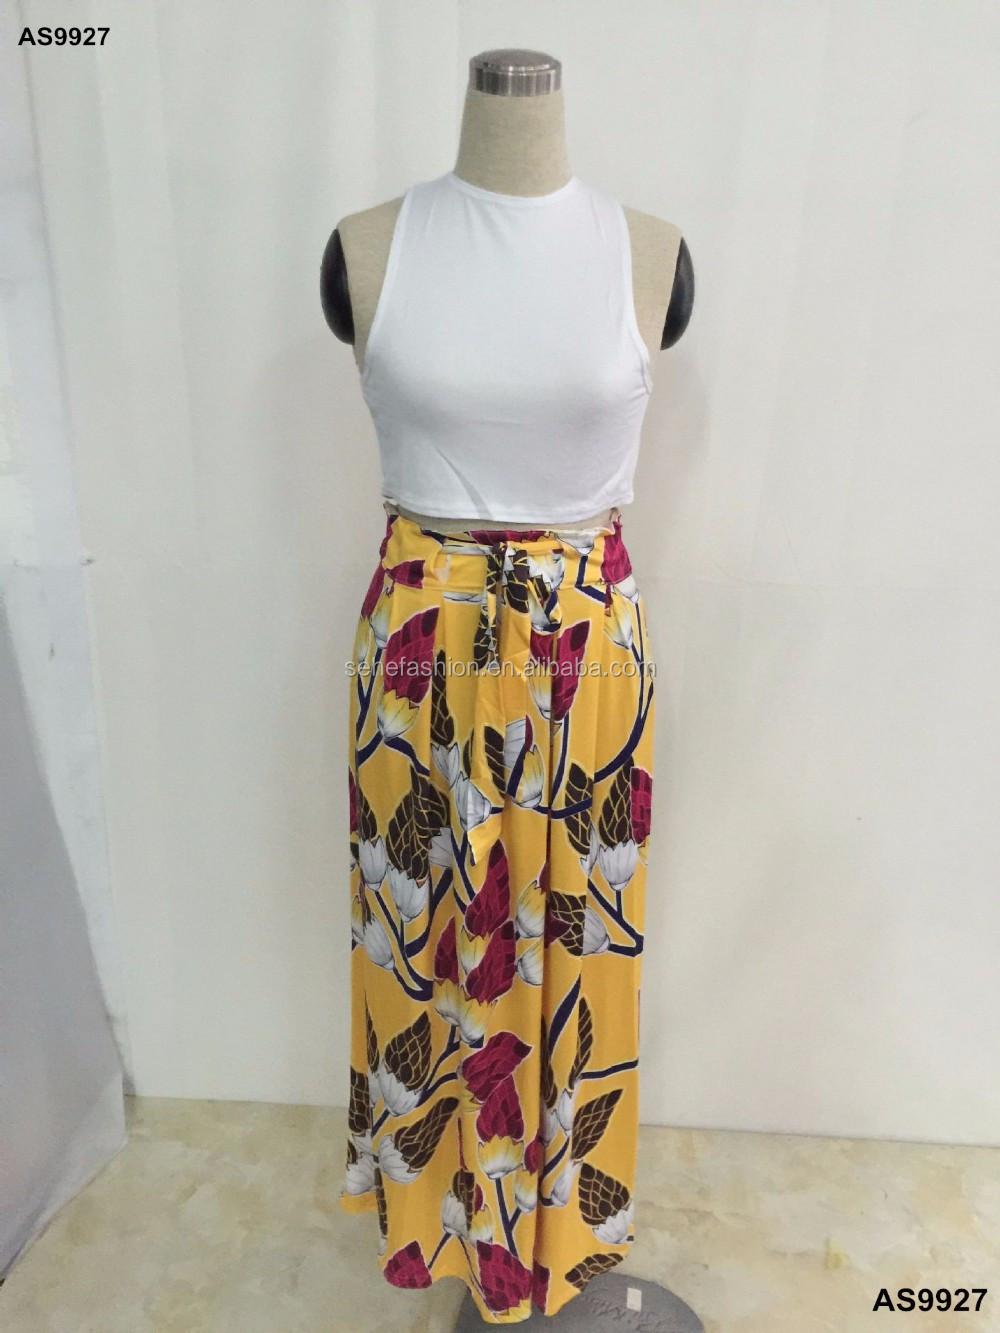 Professionelle Afrikanische Kleidung Fabrik Großhandel Ankara-druck ...